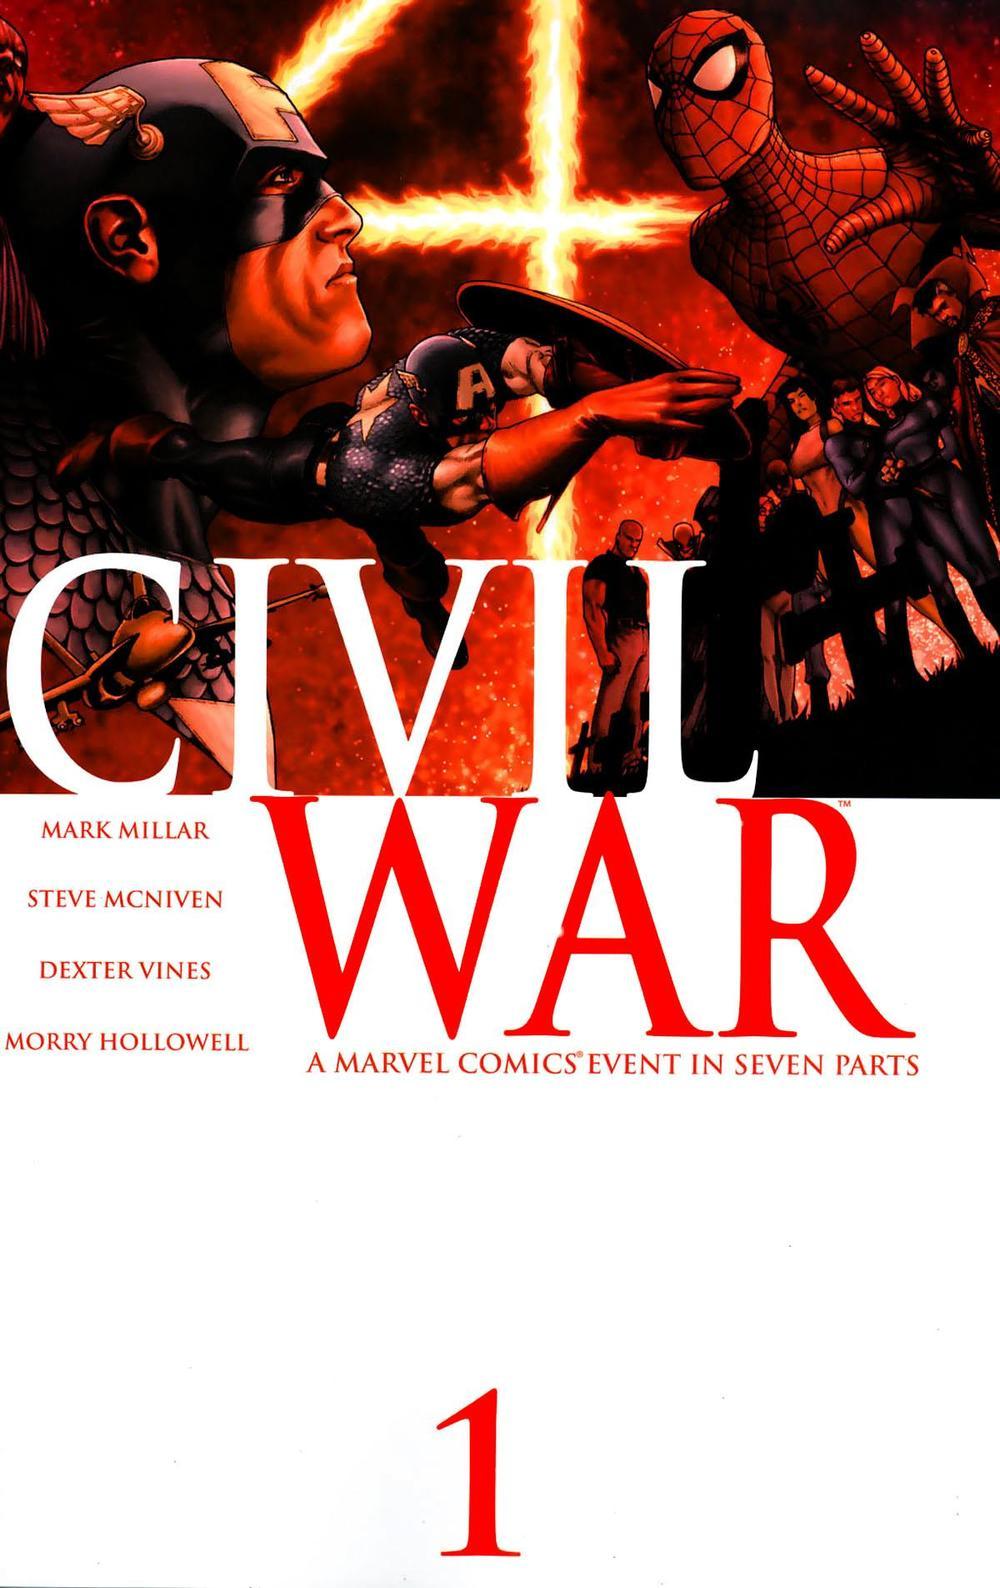 Civil War #1 (2006) - Seite 1.jpg